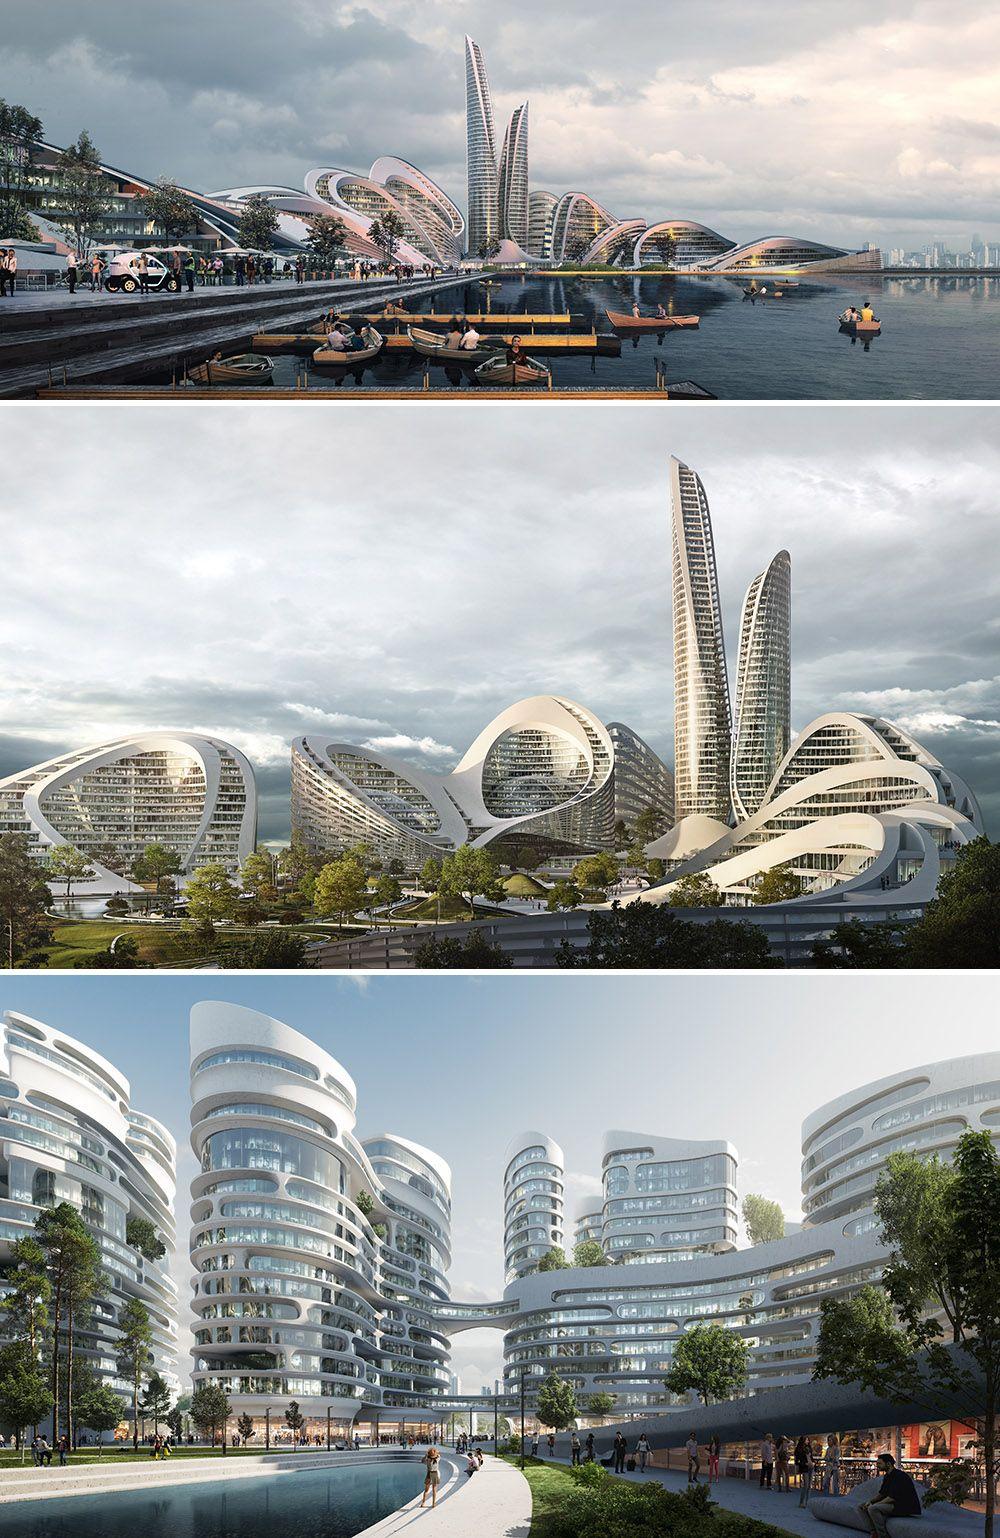 Architecture Futuristic Smartcity Future City Masterplan Building Skyscraper Moscow Russia Futuristic Architecture City Architecture Futuristic City